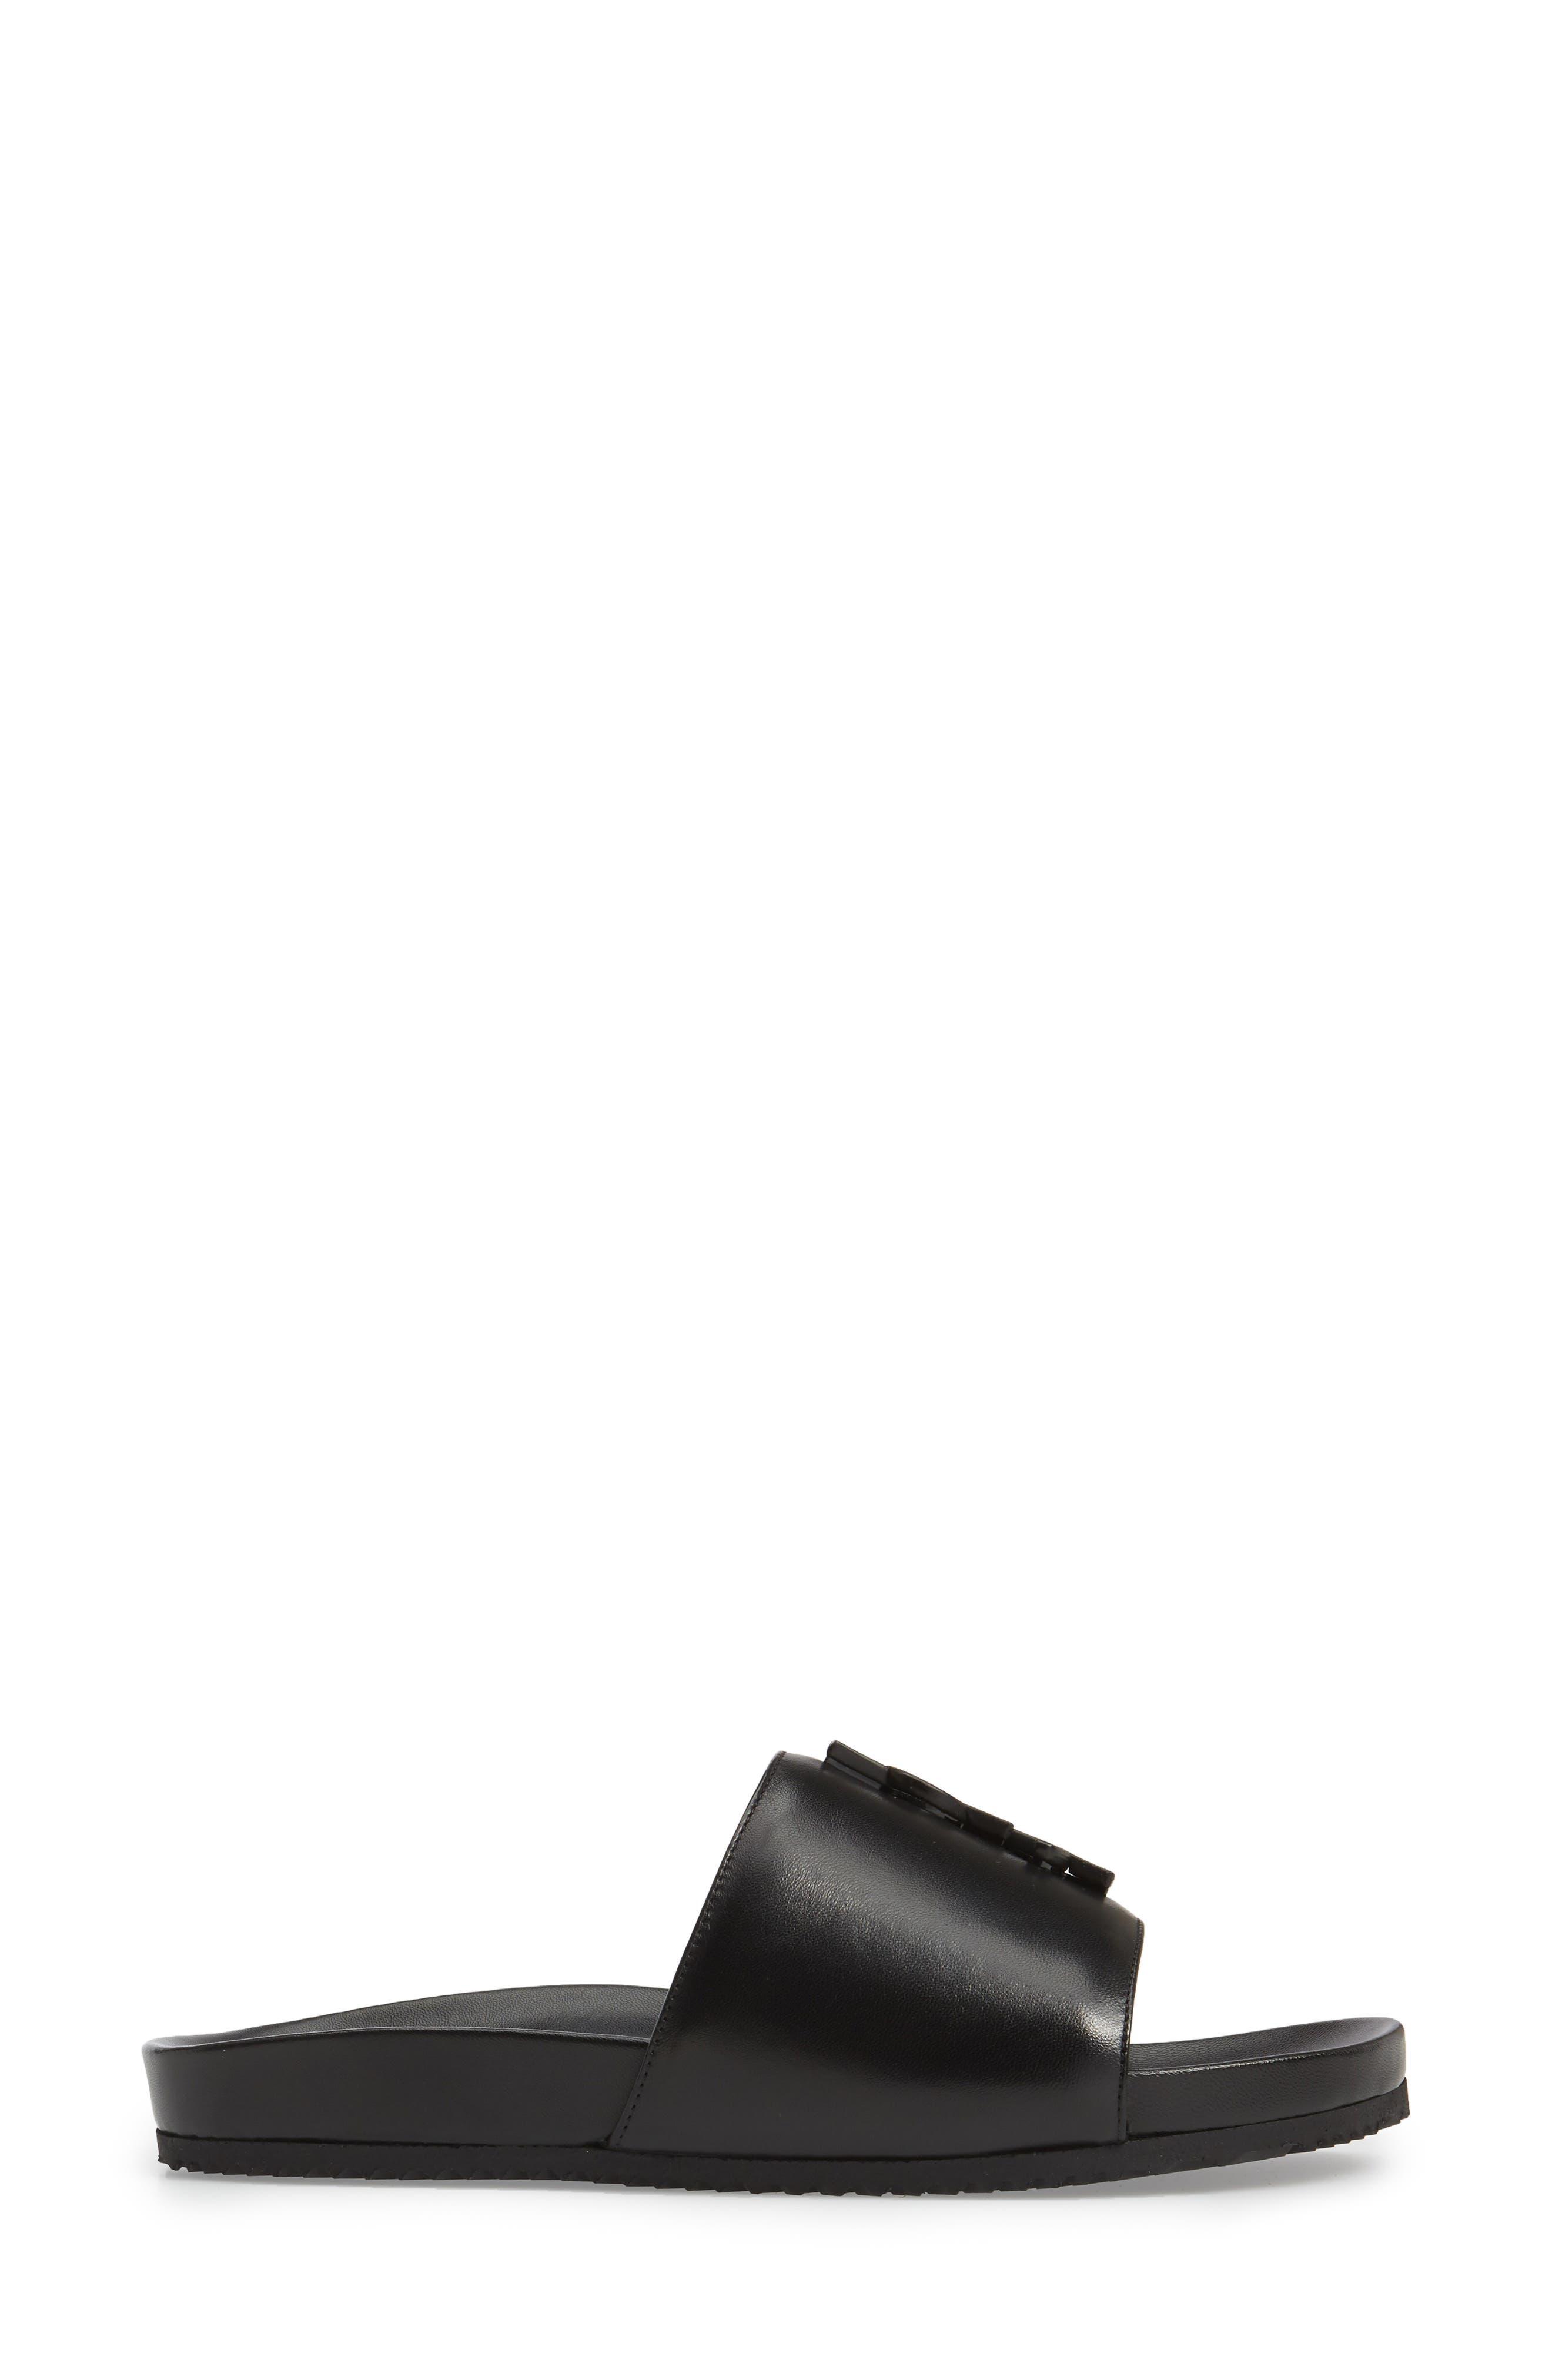 Joan Slide Sandal,                             Alternate thumbnail 4, color,                             BLACK